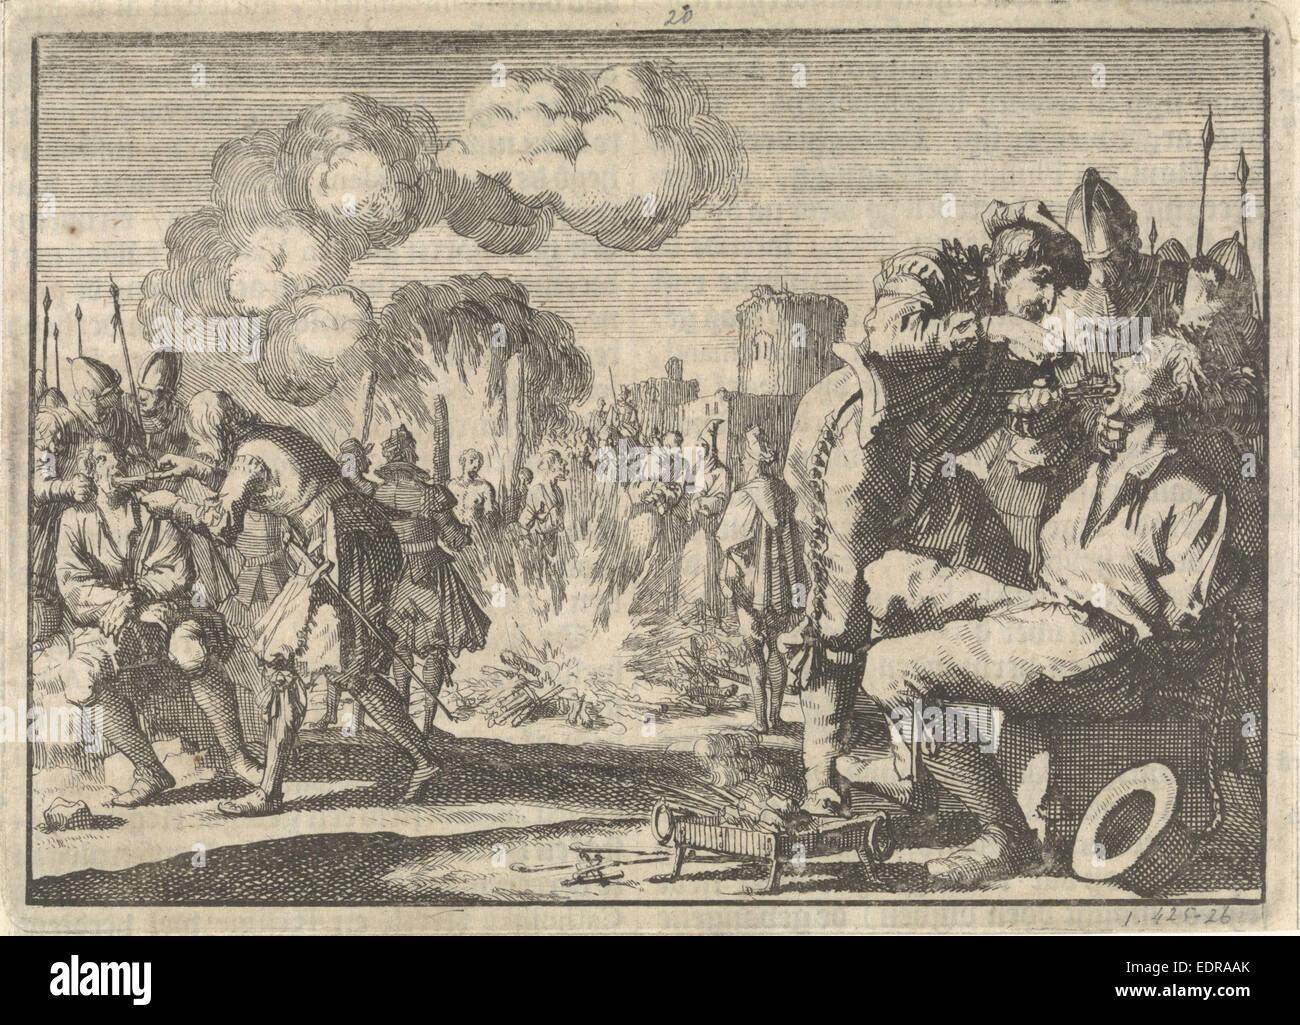 Persecution of the reformers in the Netherlands, 1574, Jan Luyken, Pieter van der Aa (I) - Stock Image